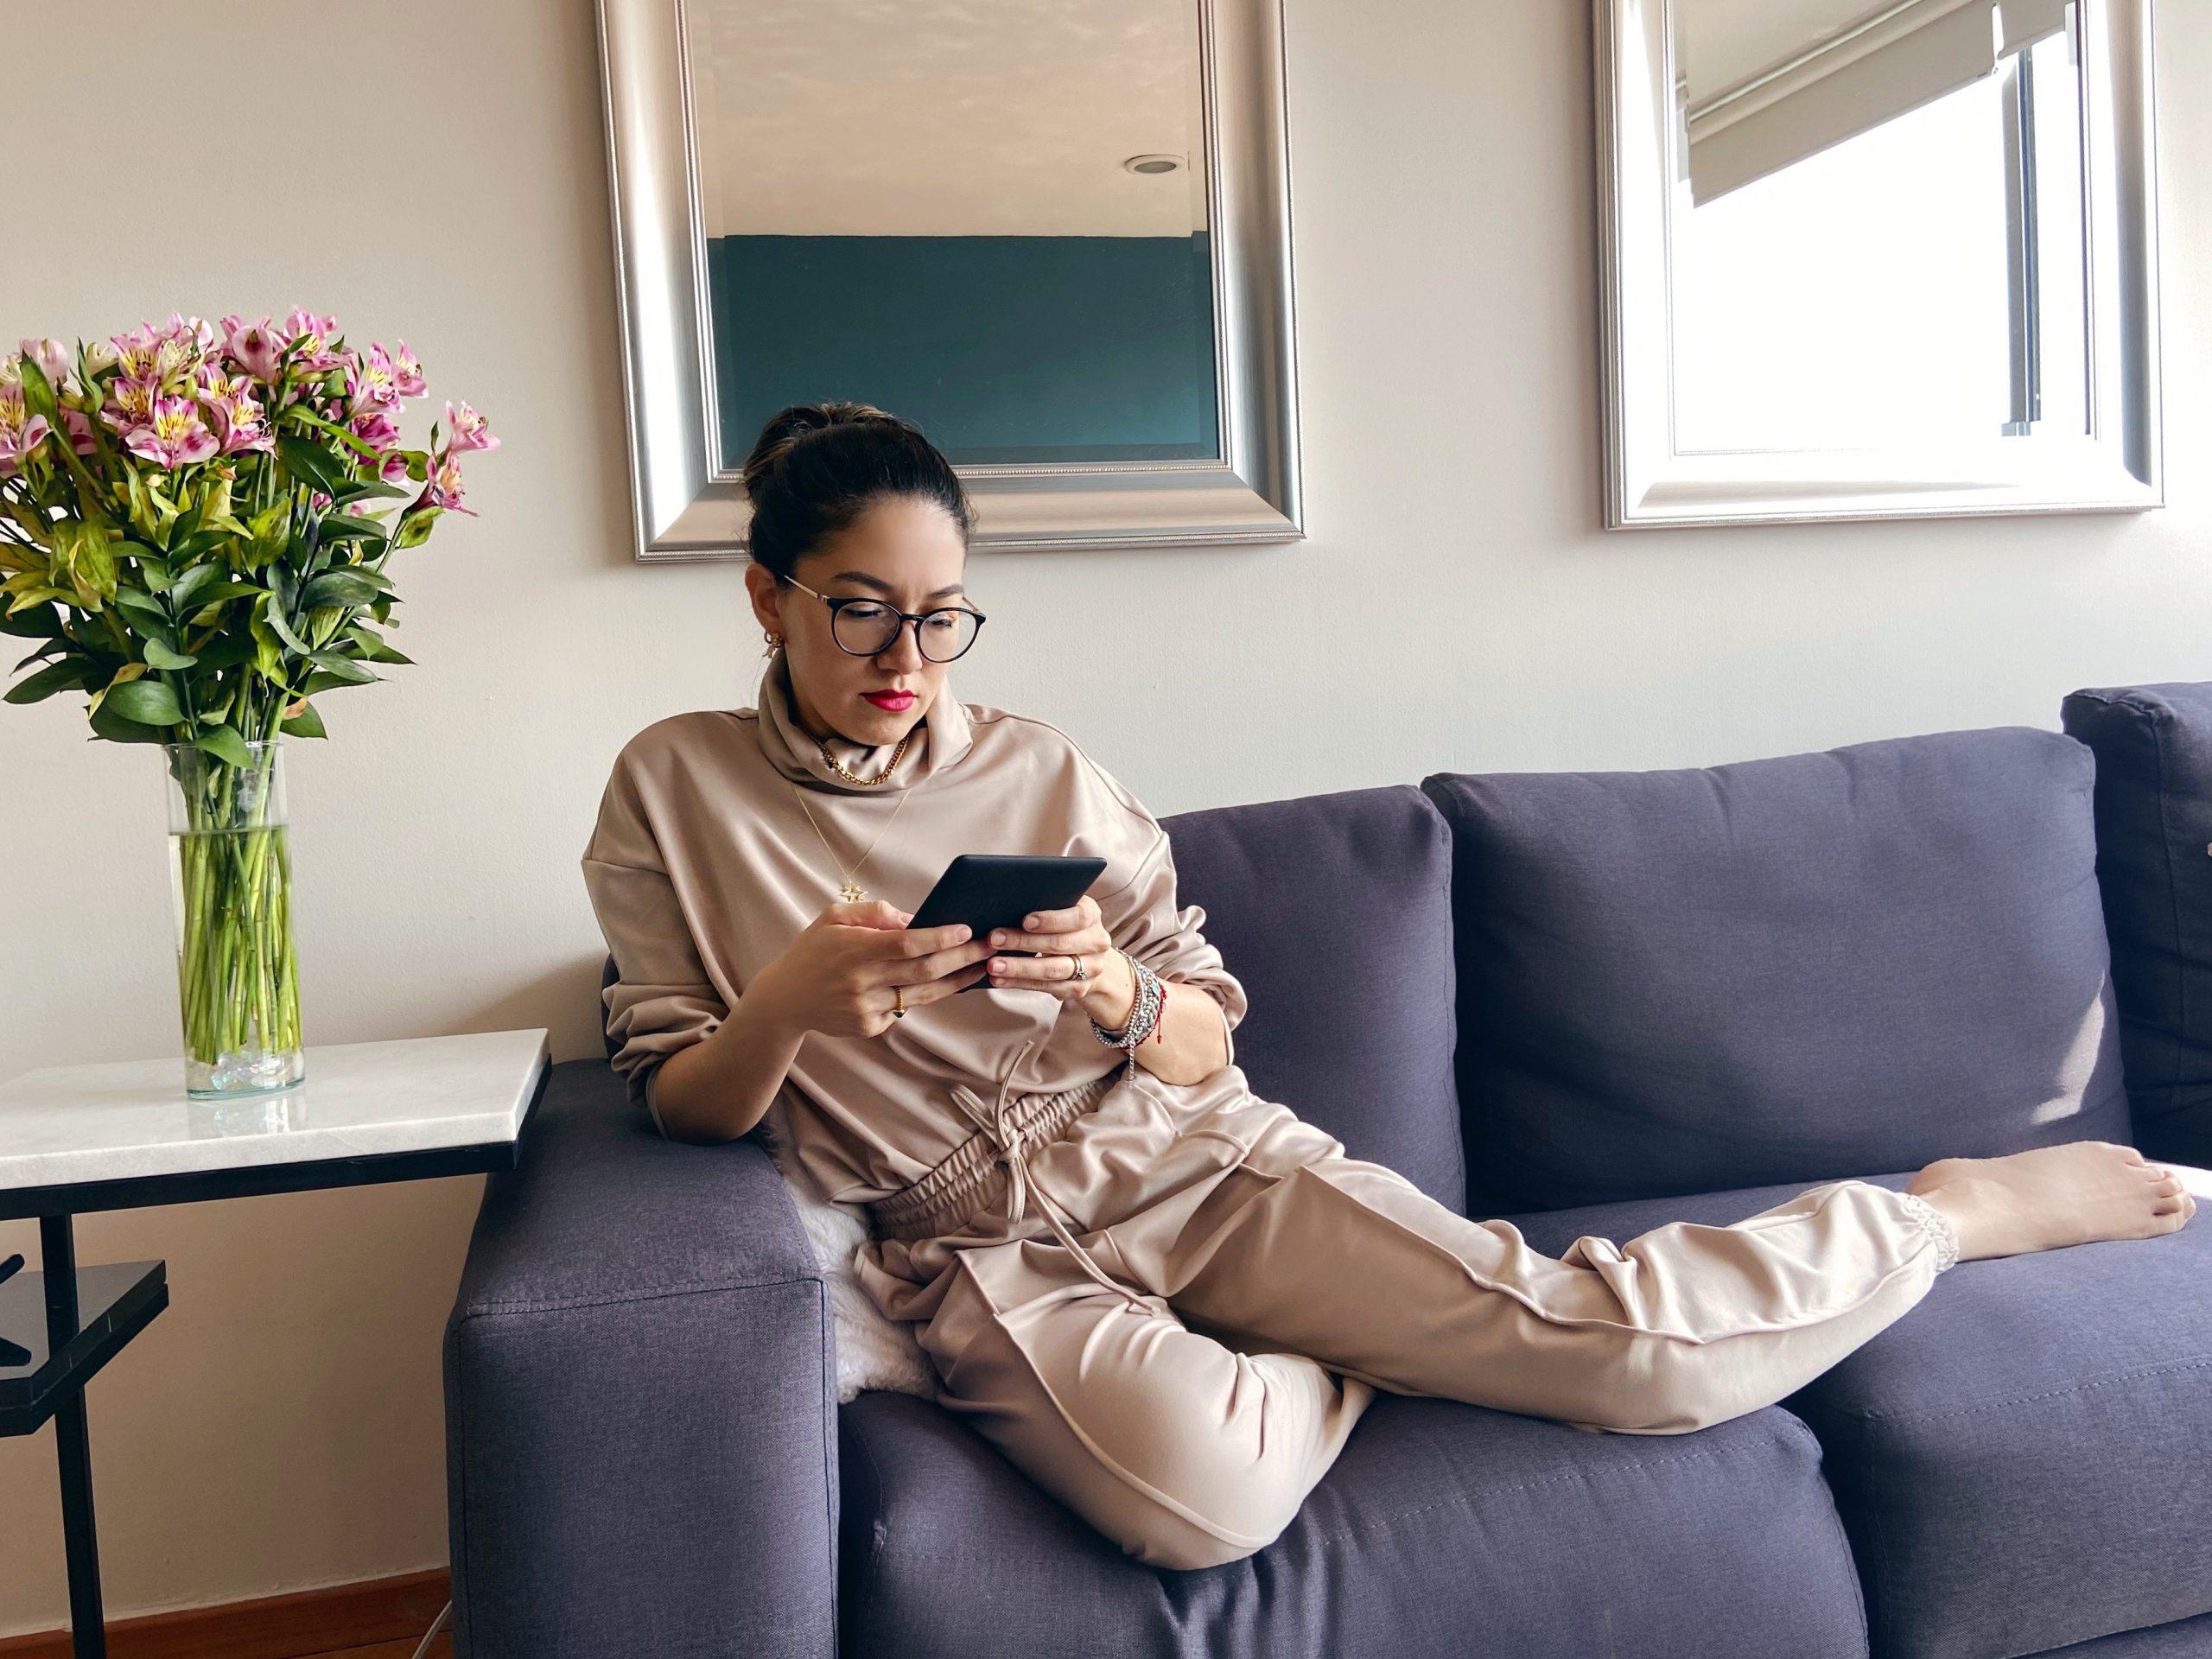 women pajamas - Lula Vibes